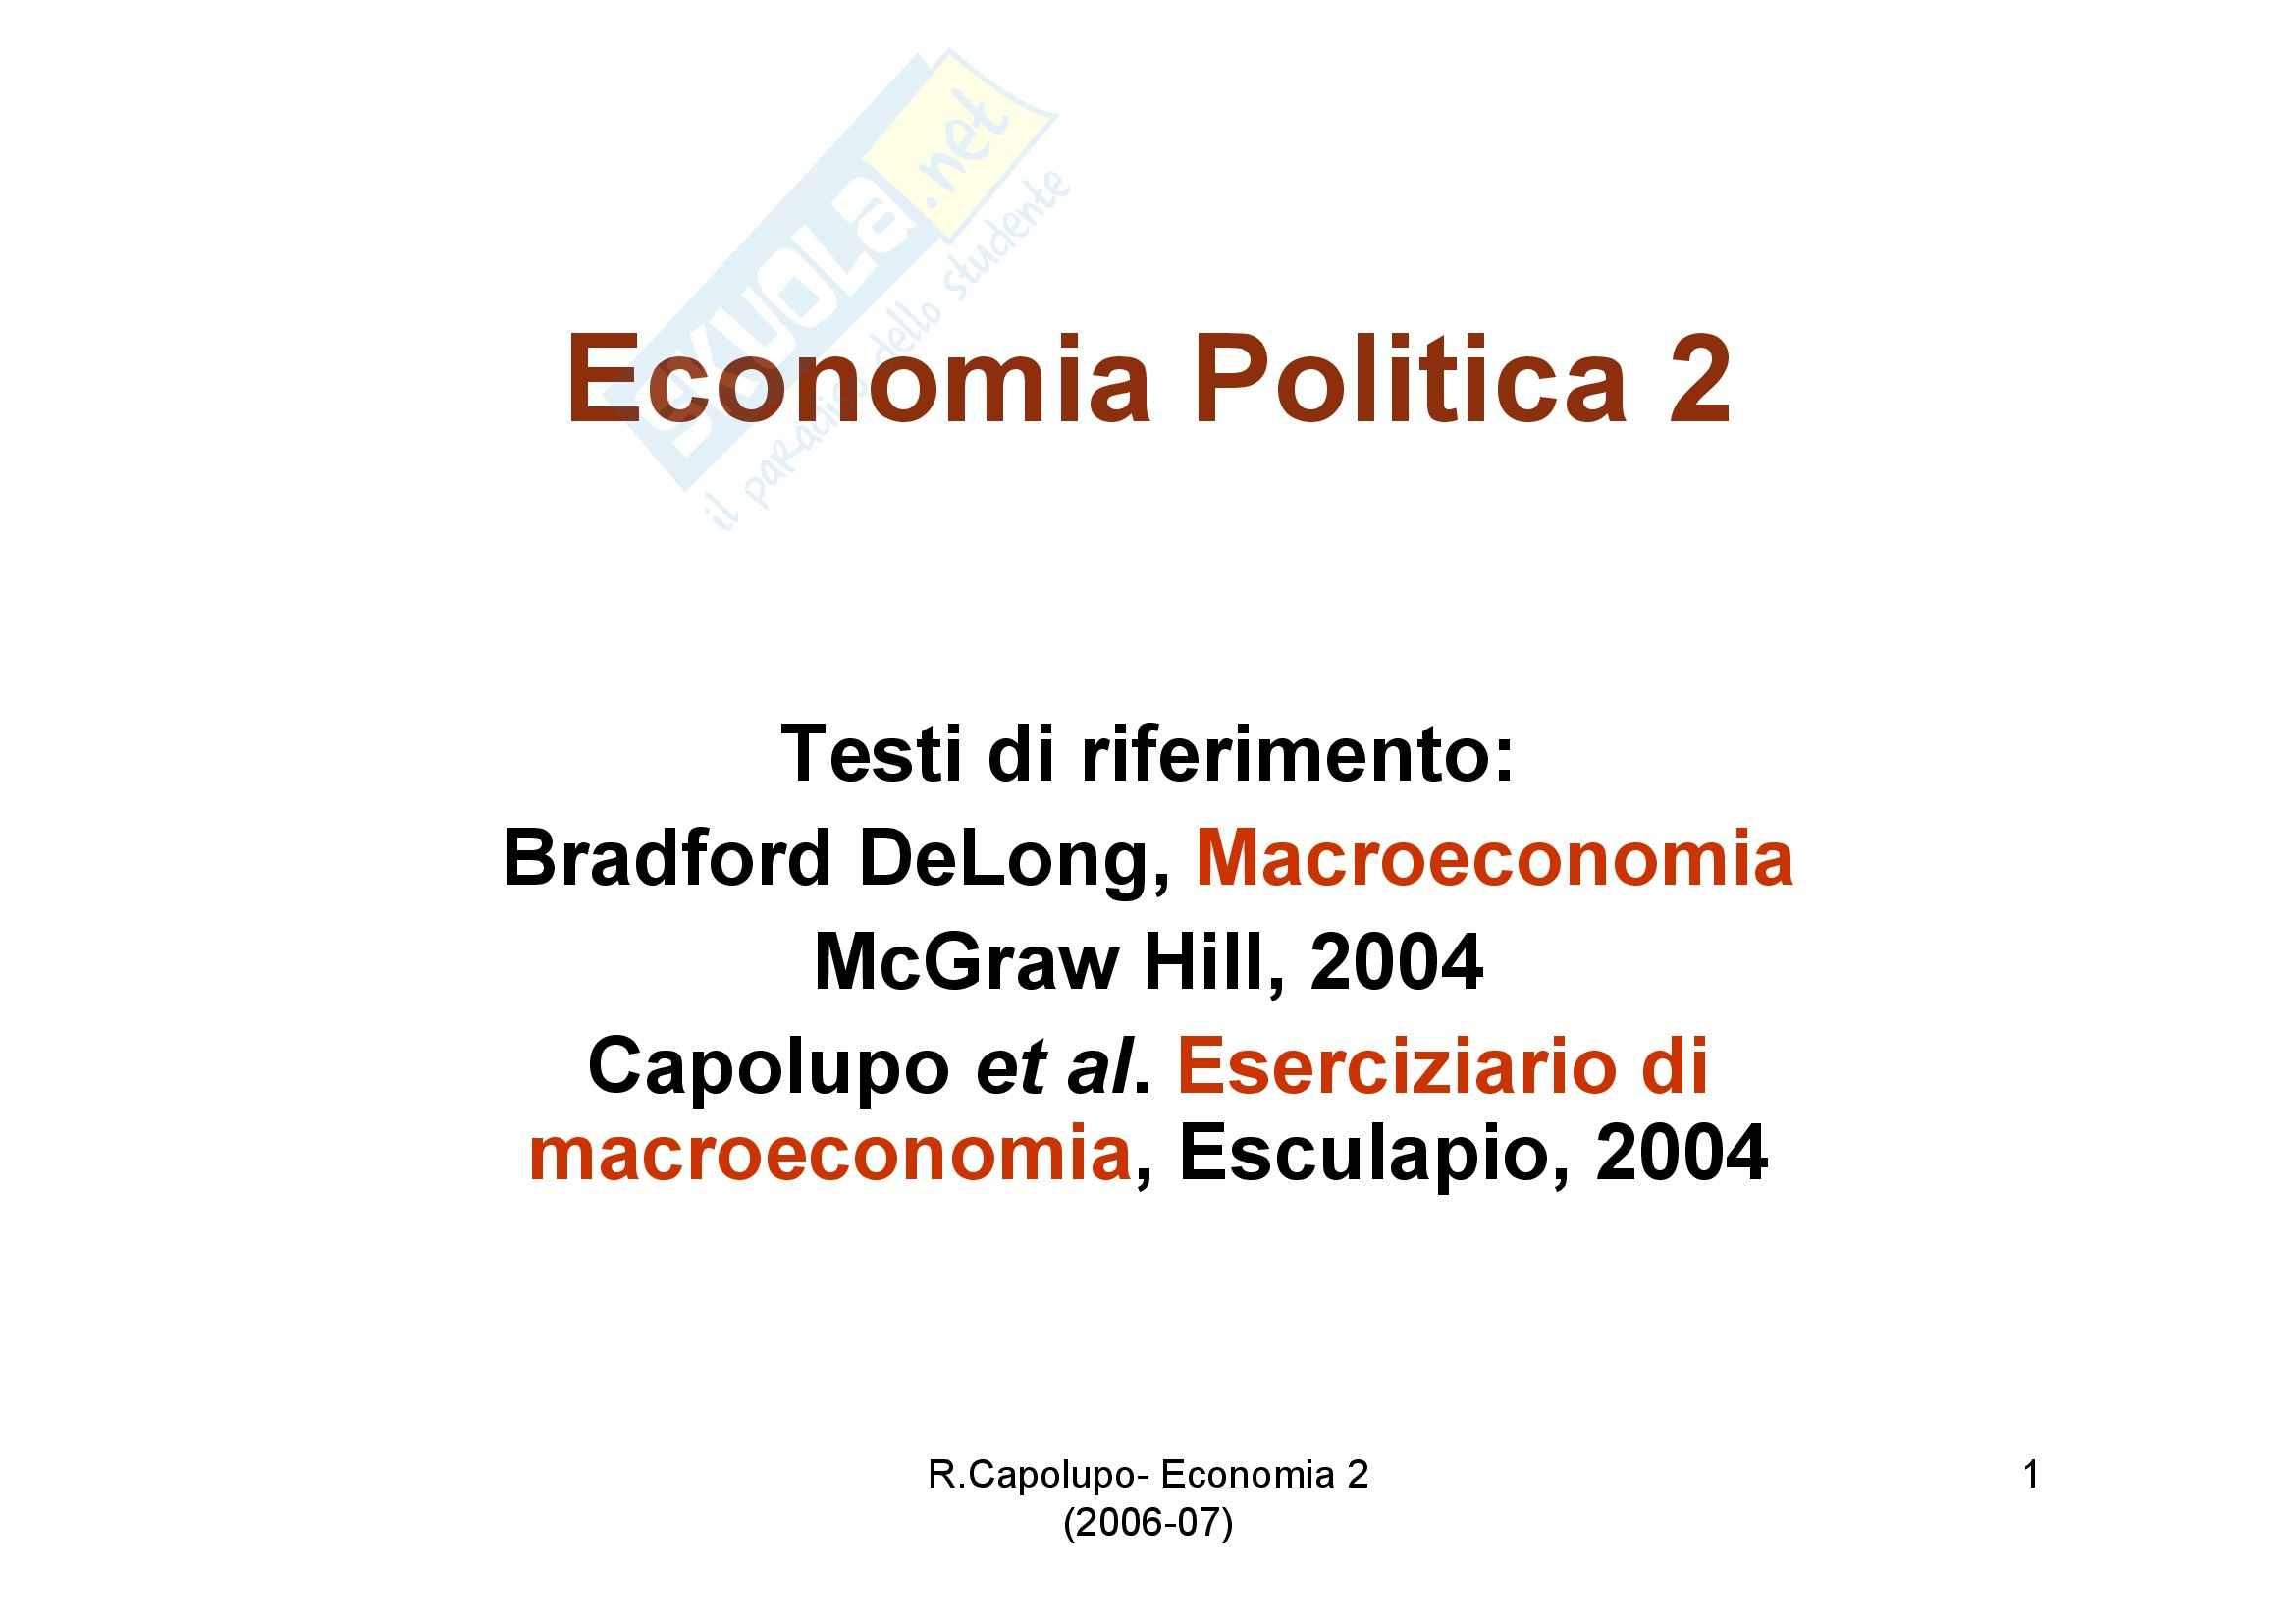 Economia politica - diapositive prima lezione